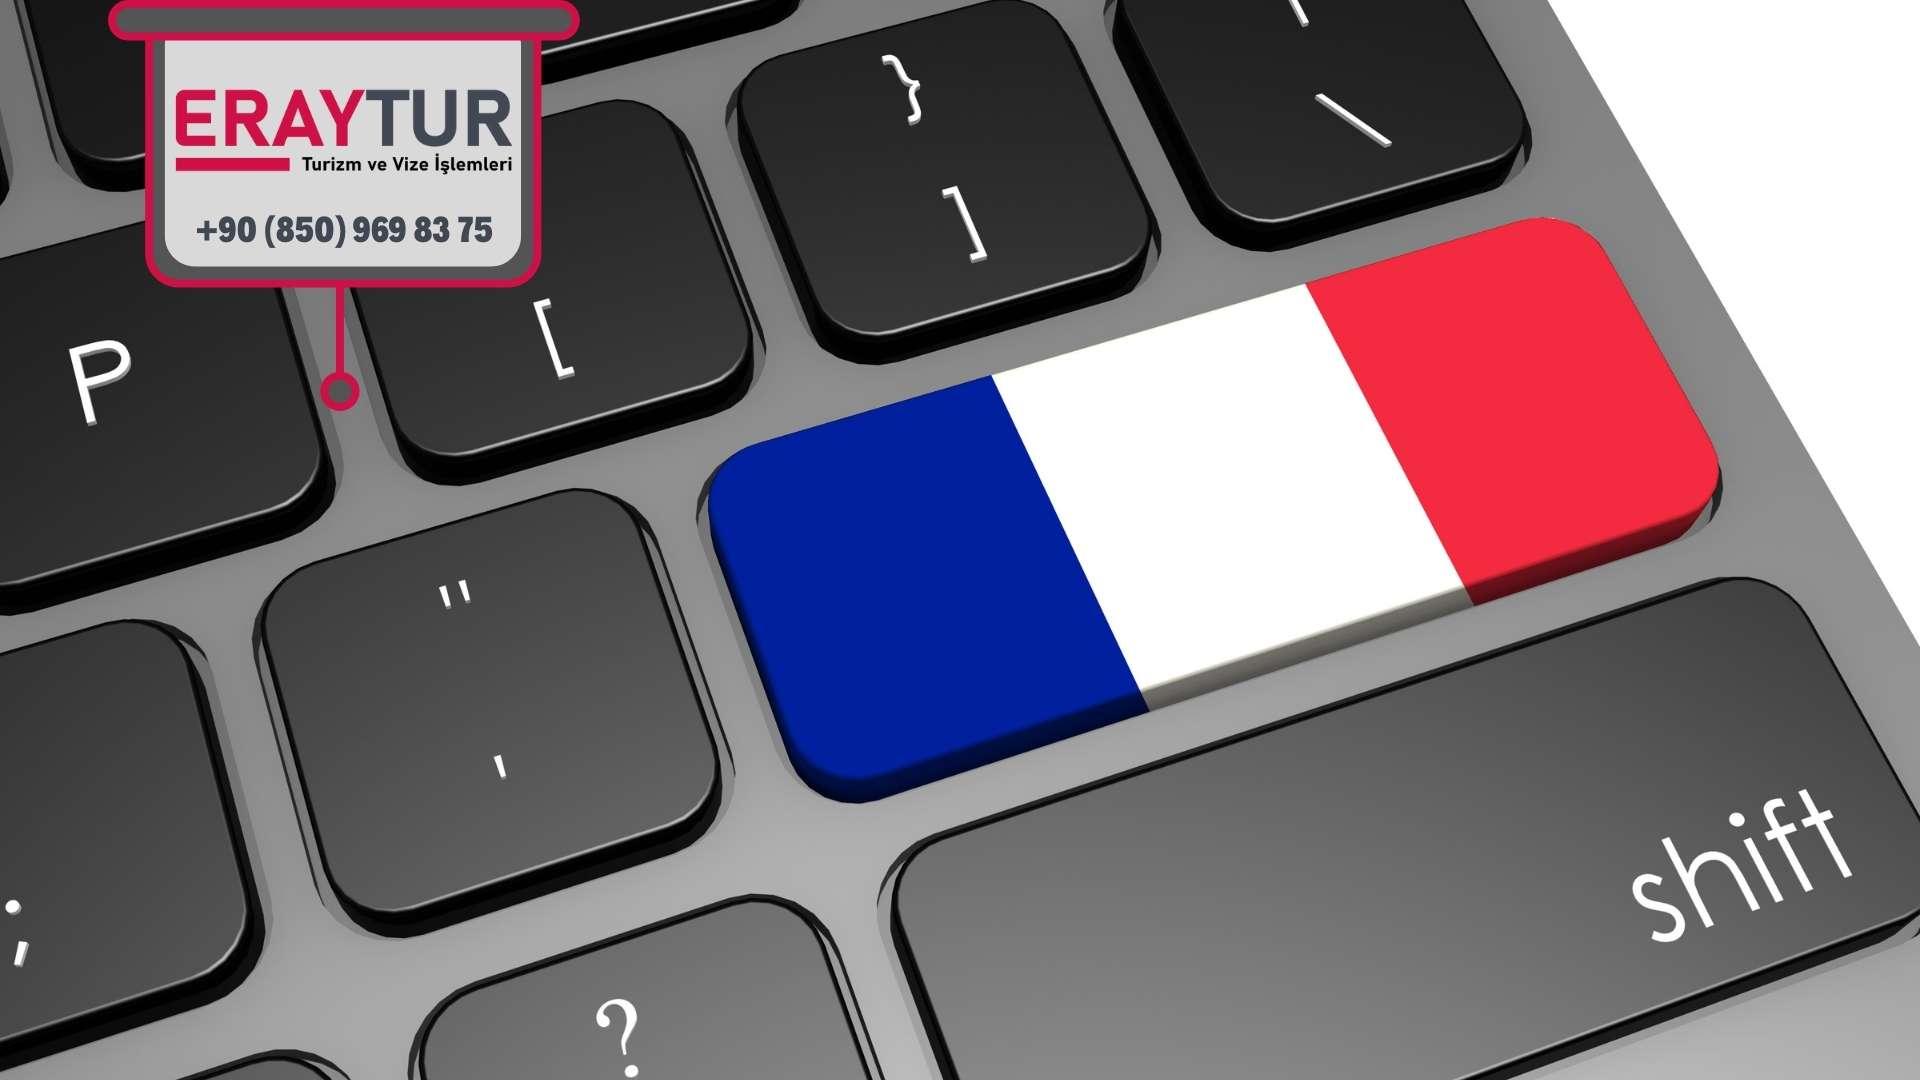 Fransa Vize Başvurusunda Dikkat Edilecek Unsurlar